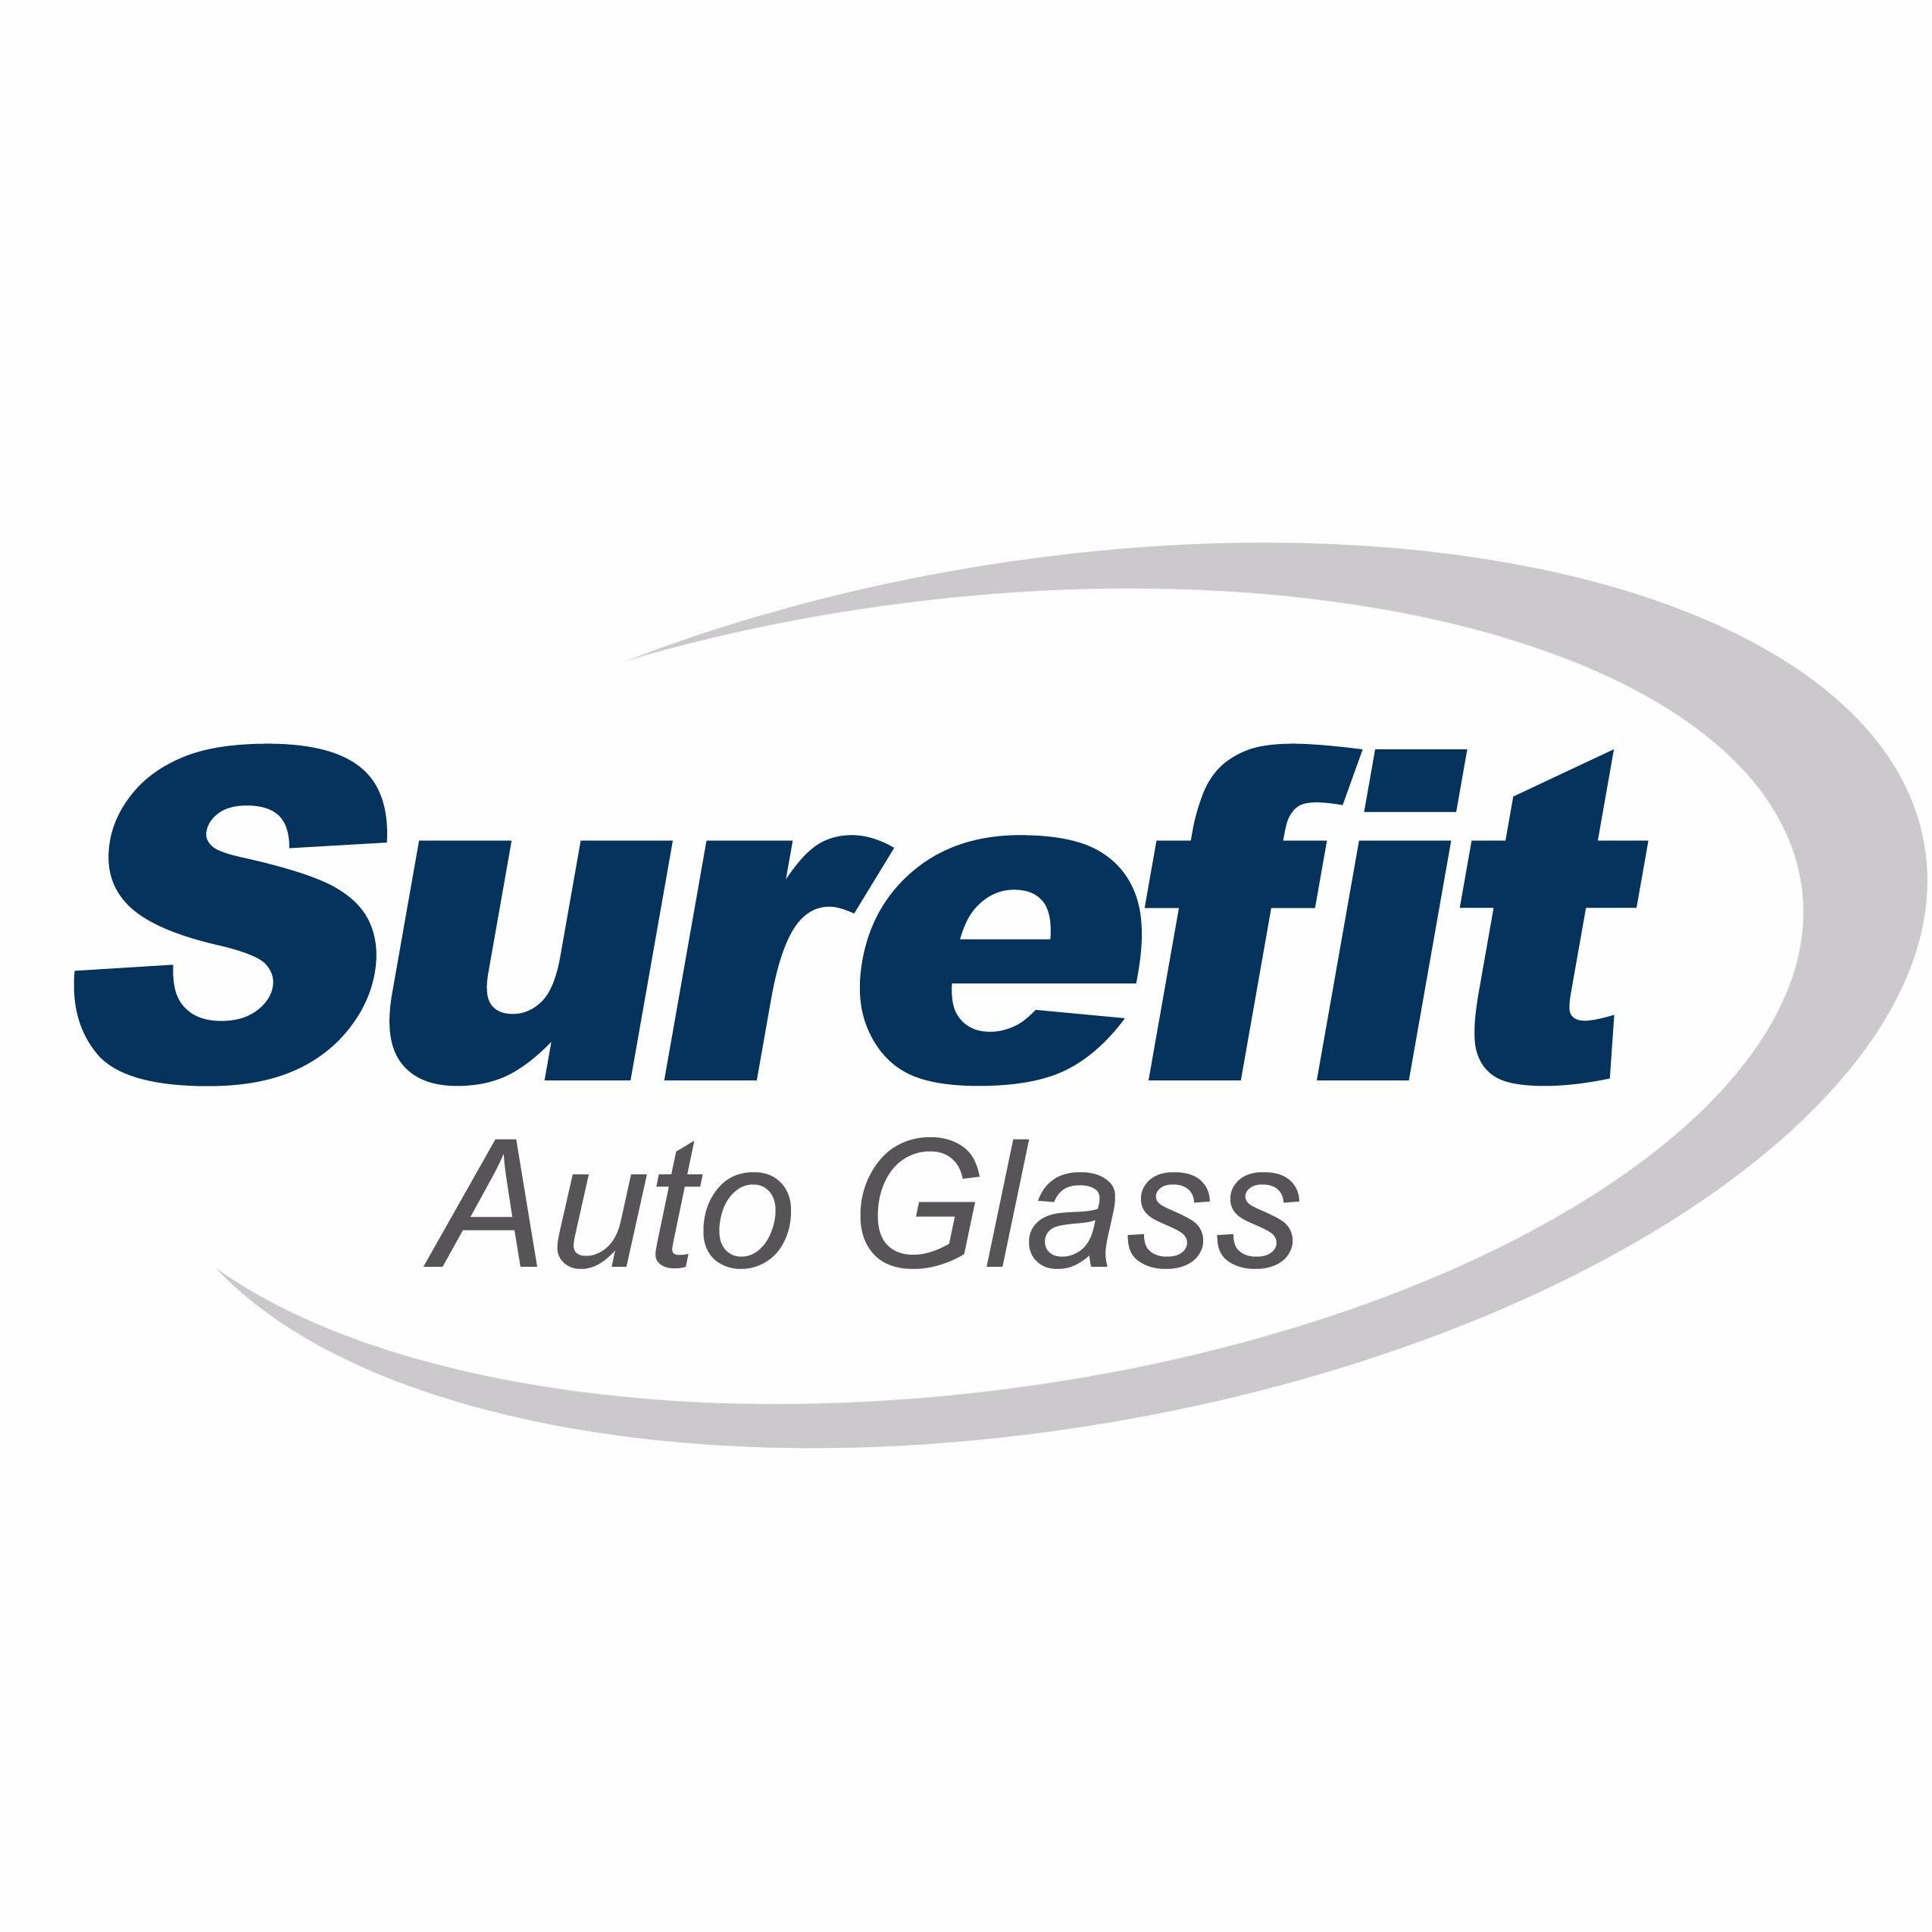 Surefit Auto Glass image 0